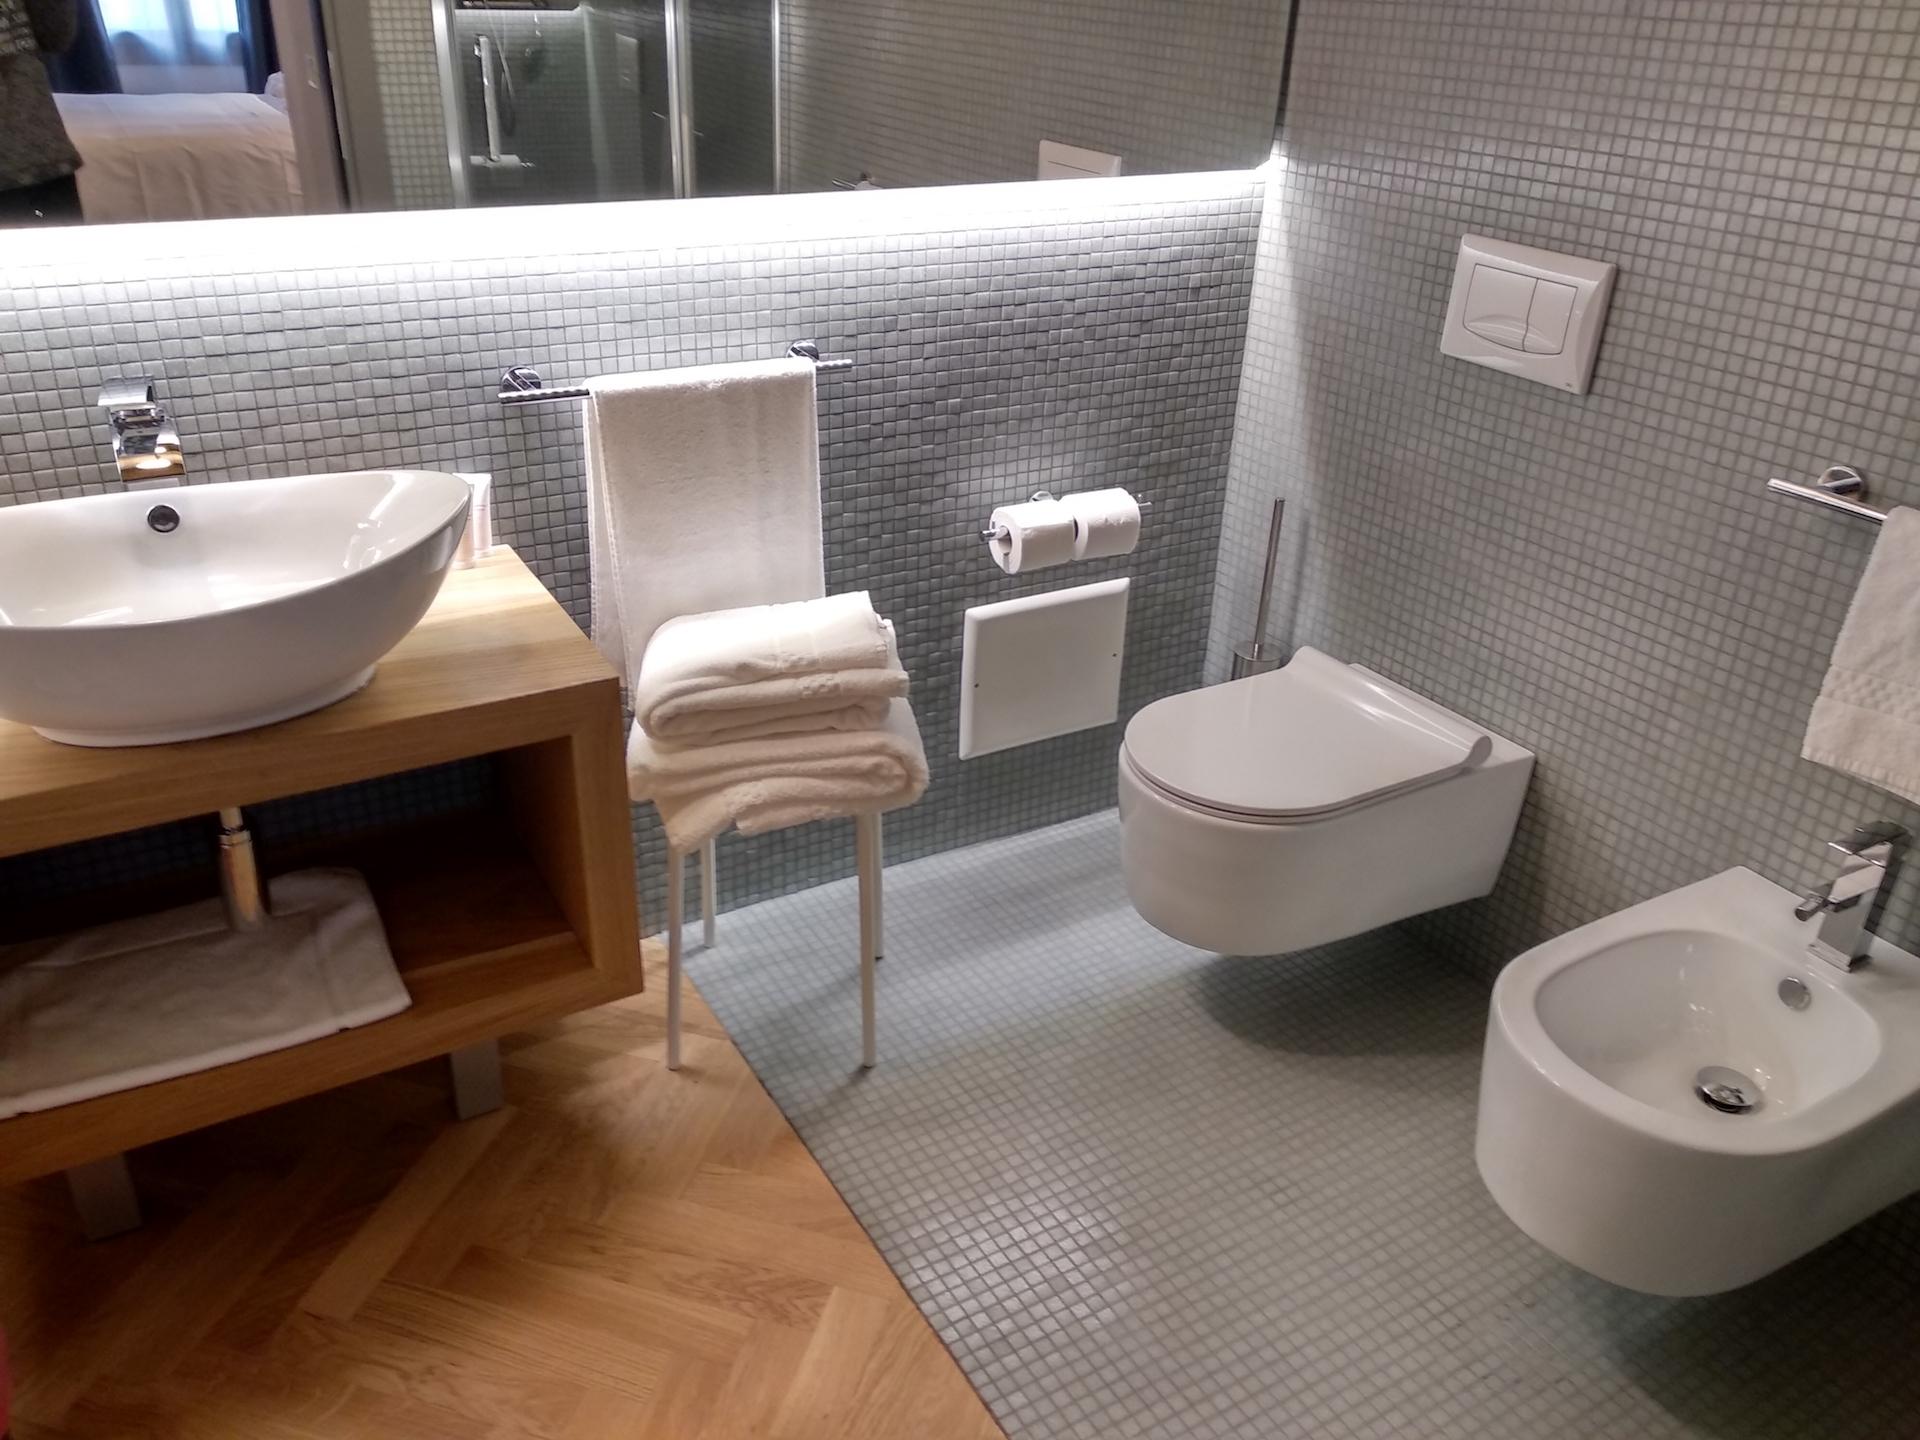 Hotel dal menga hotel a torrebelvicino vicenza - Bagno disabili obbligatorio ...